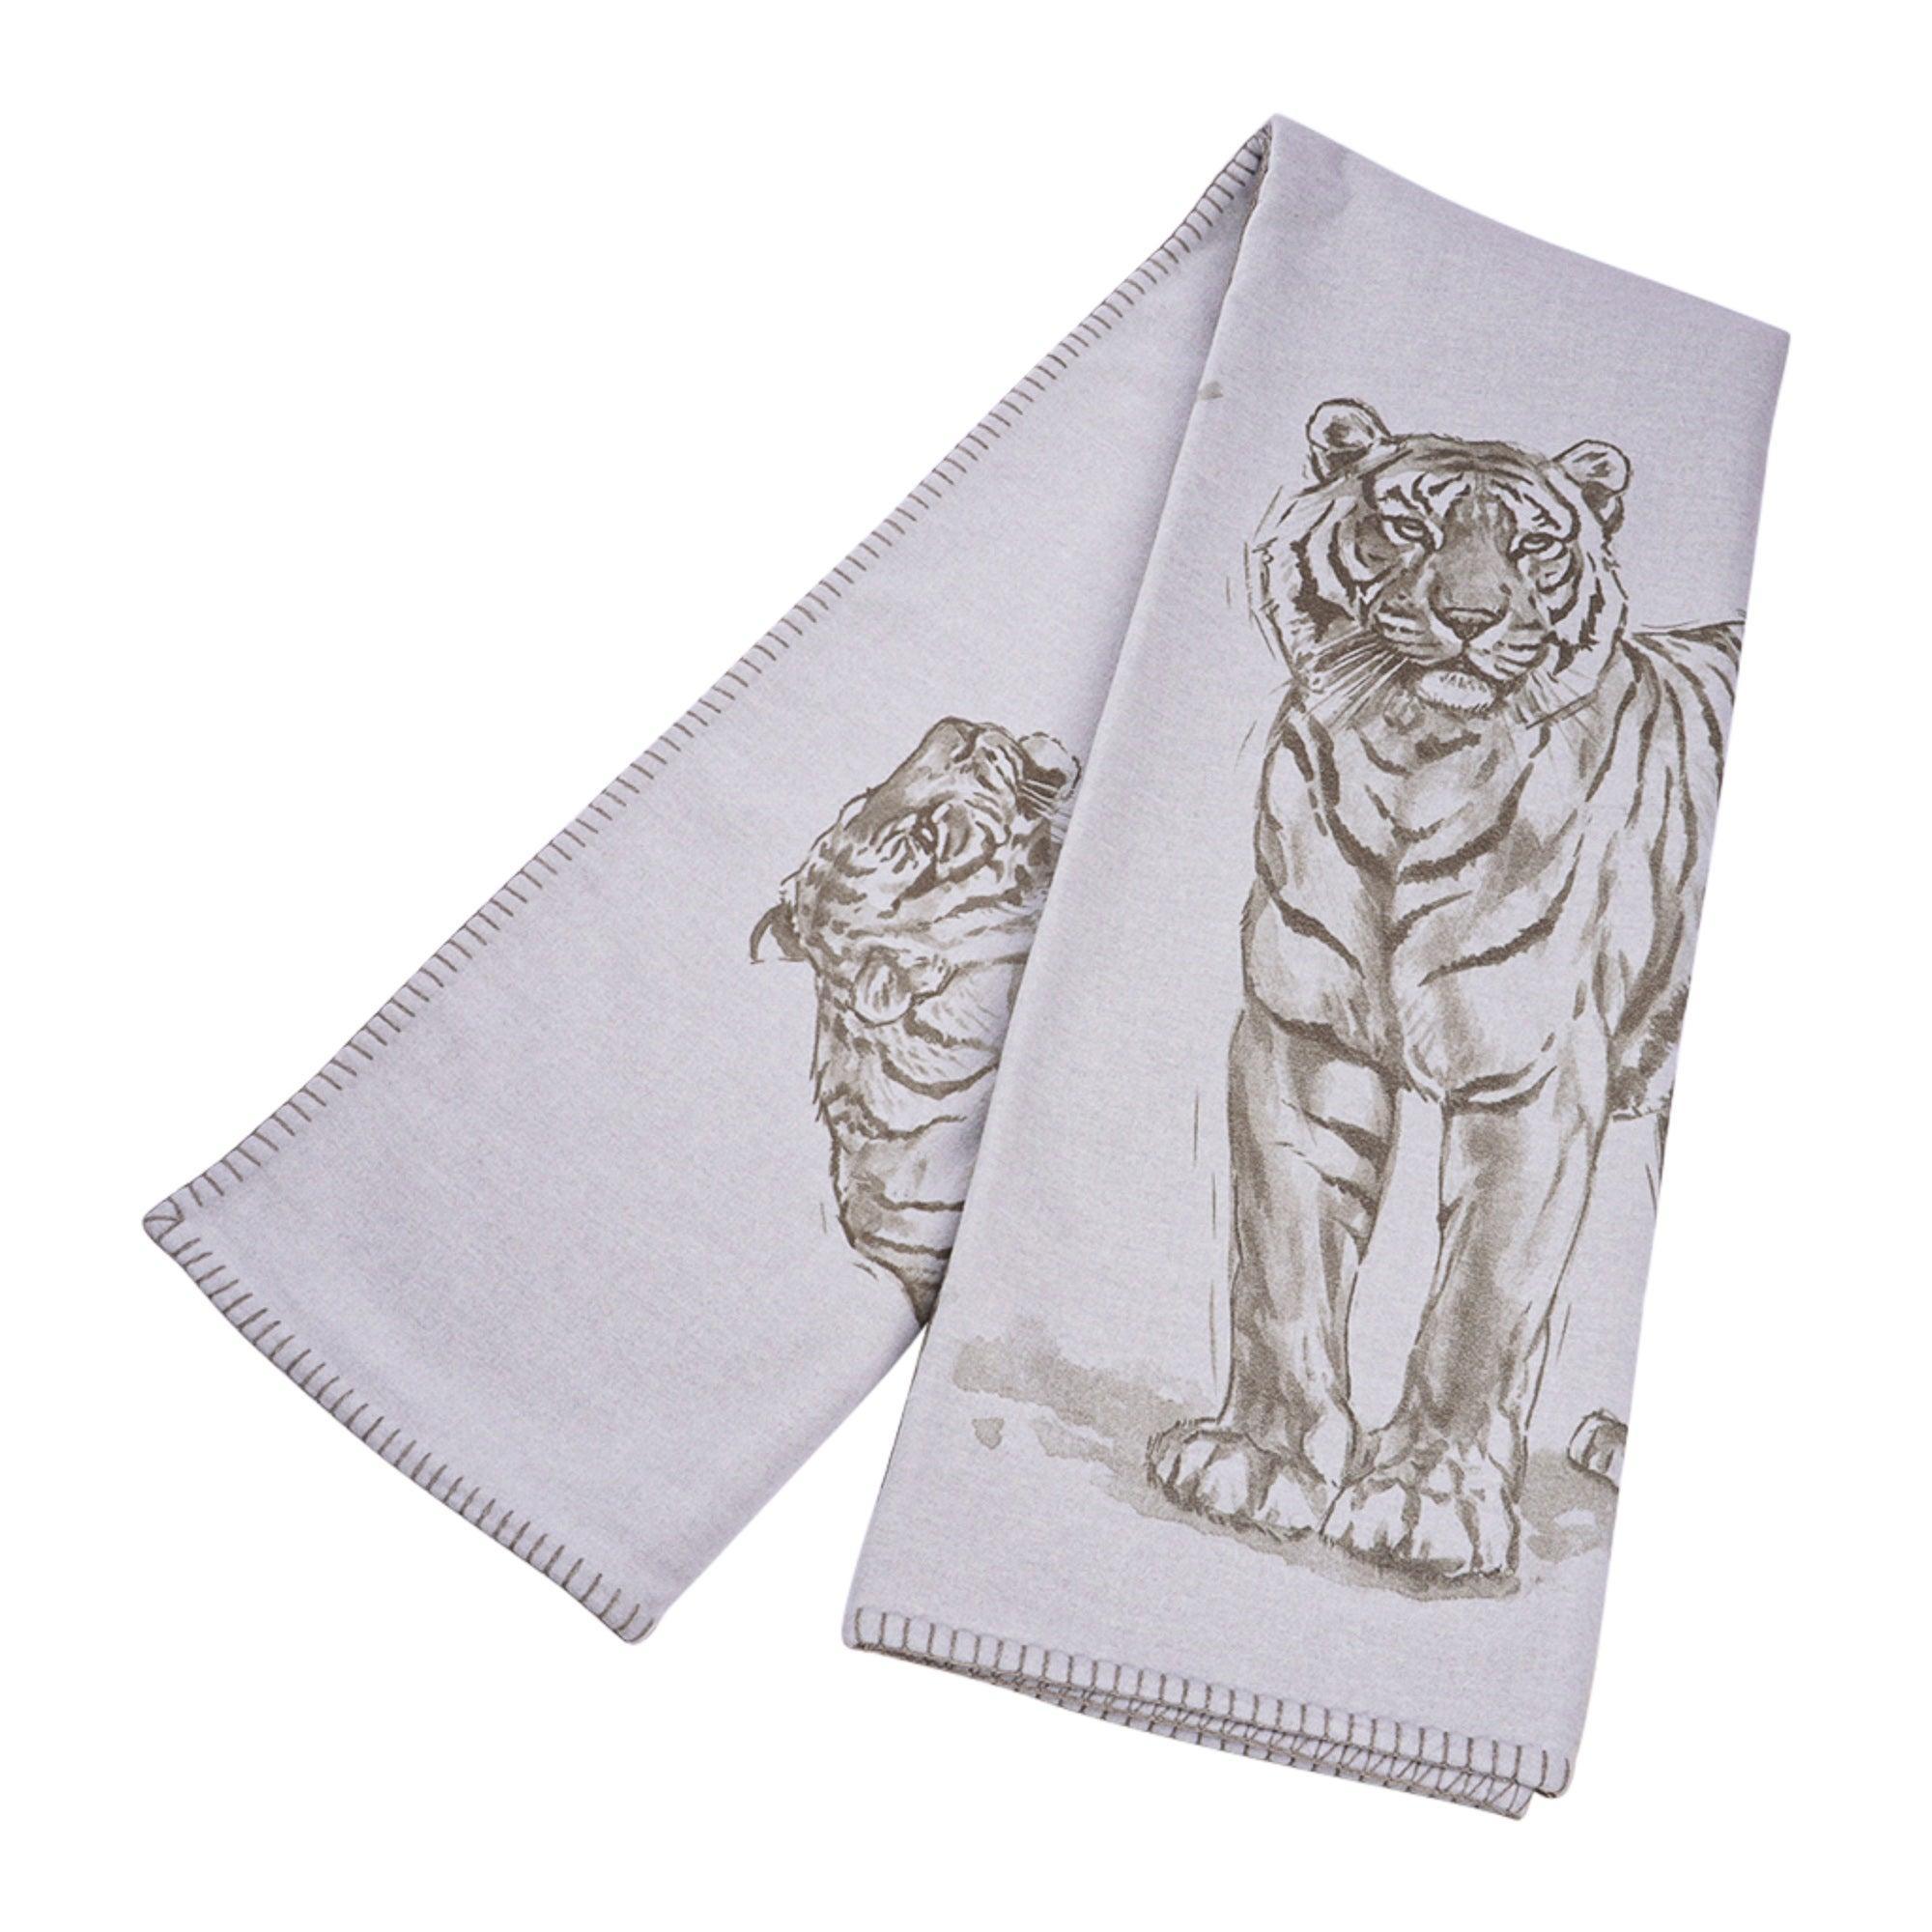 Hermes Croquis De Tigre Blanket Gris Cashmere New w/ Box